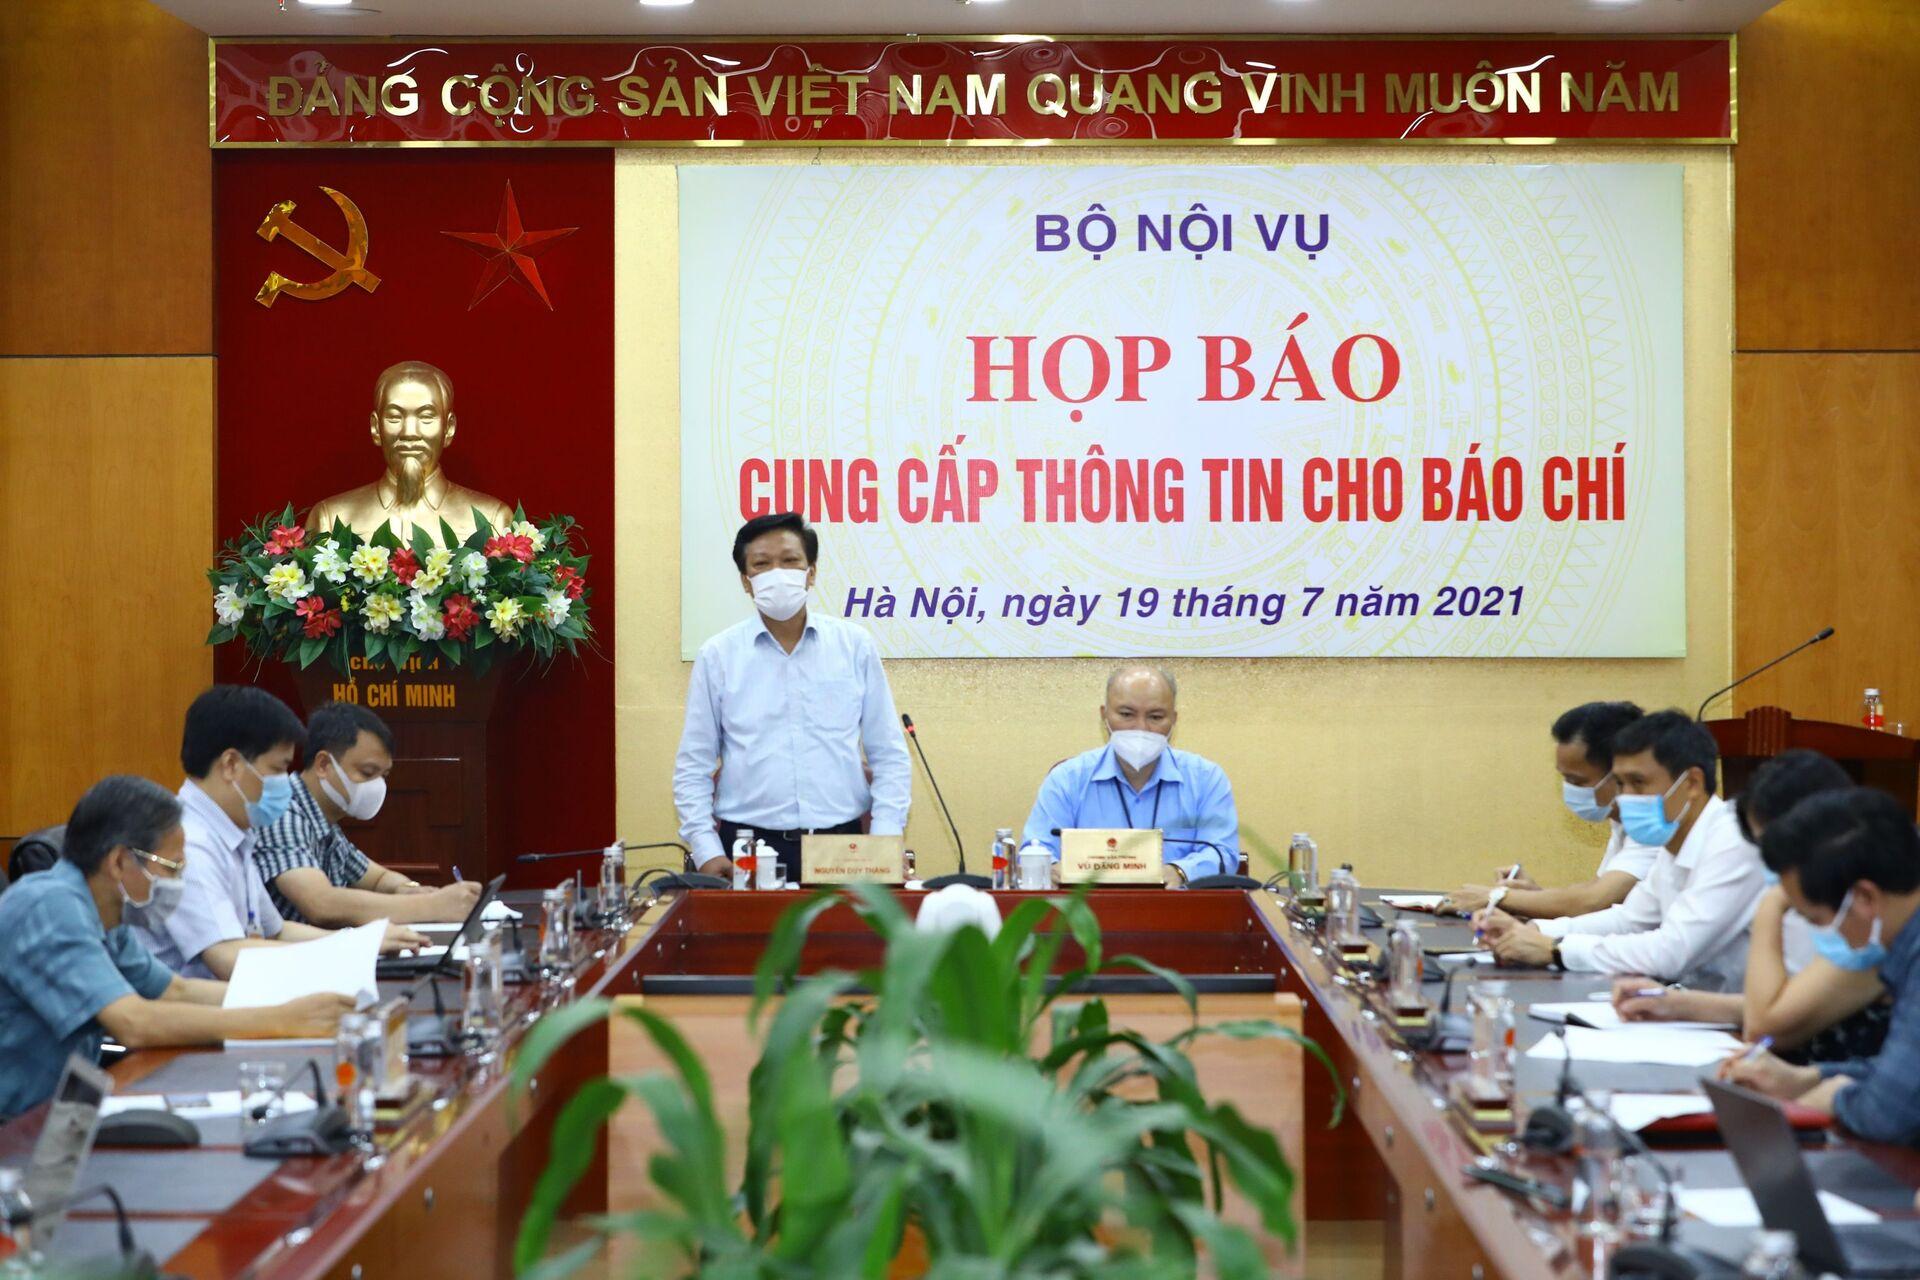 Bộ Nội vụ nói gì về việc sáp nhập các đơn vị hành chính cấp tỉnh? - Sputnik Việt Nam, 1920, 19.07.2021